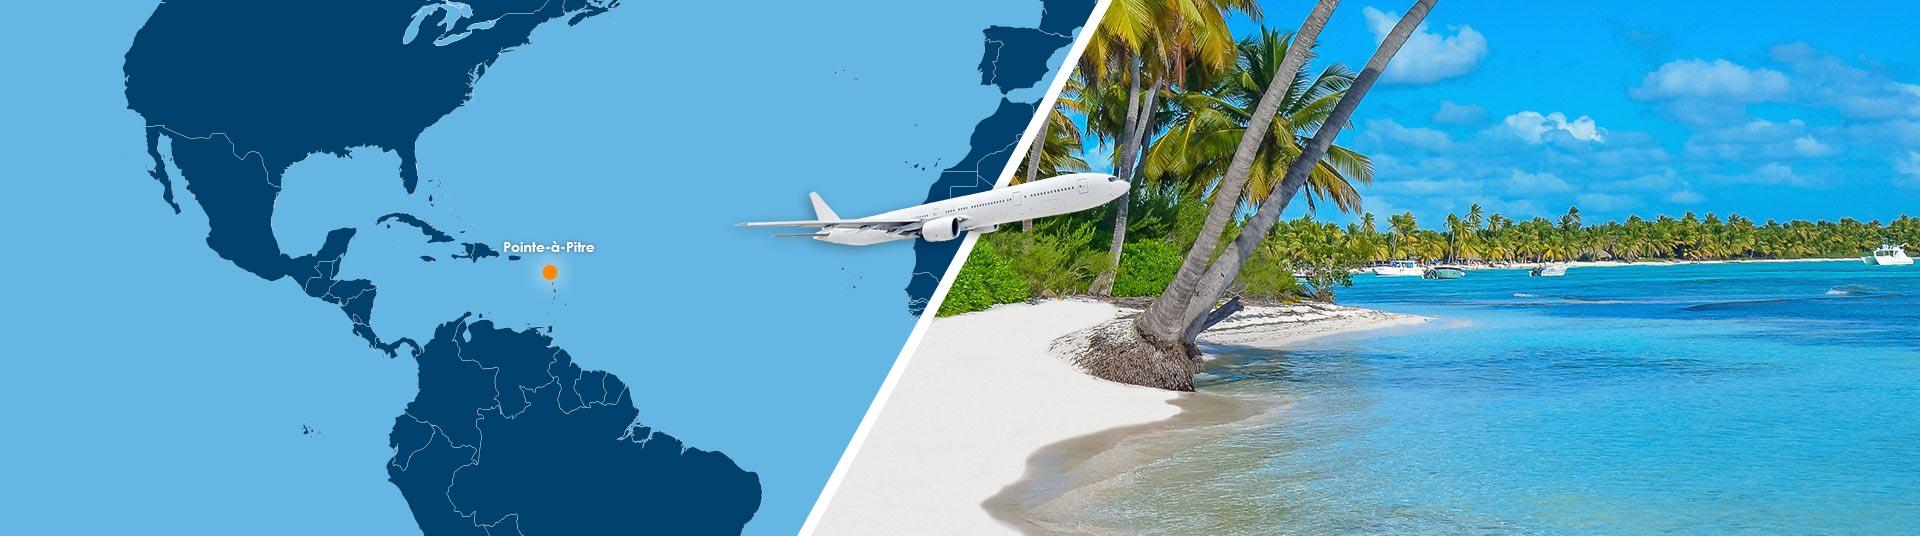 vol pointe-à-pitre saint martin pas cher : réserver un billet avion